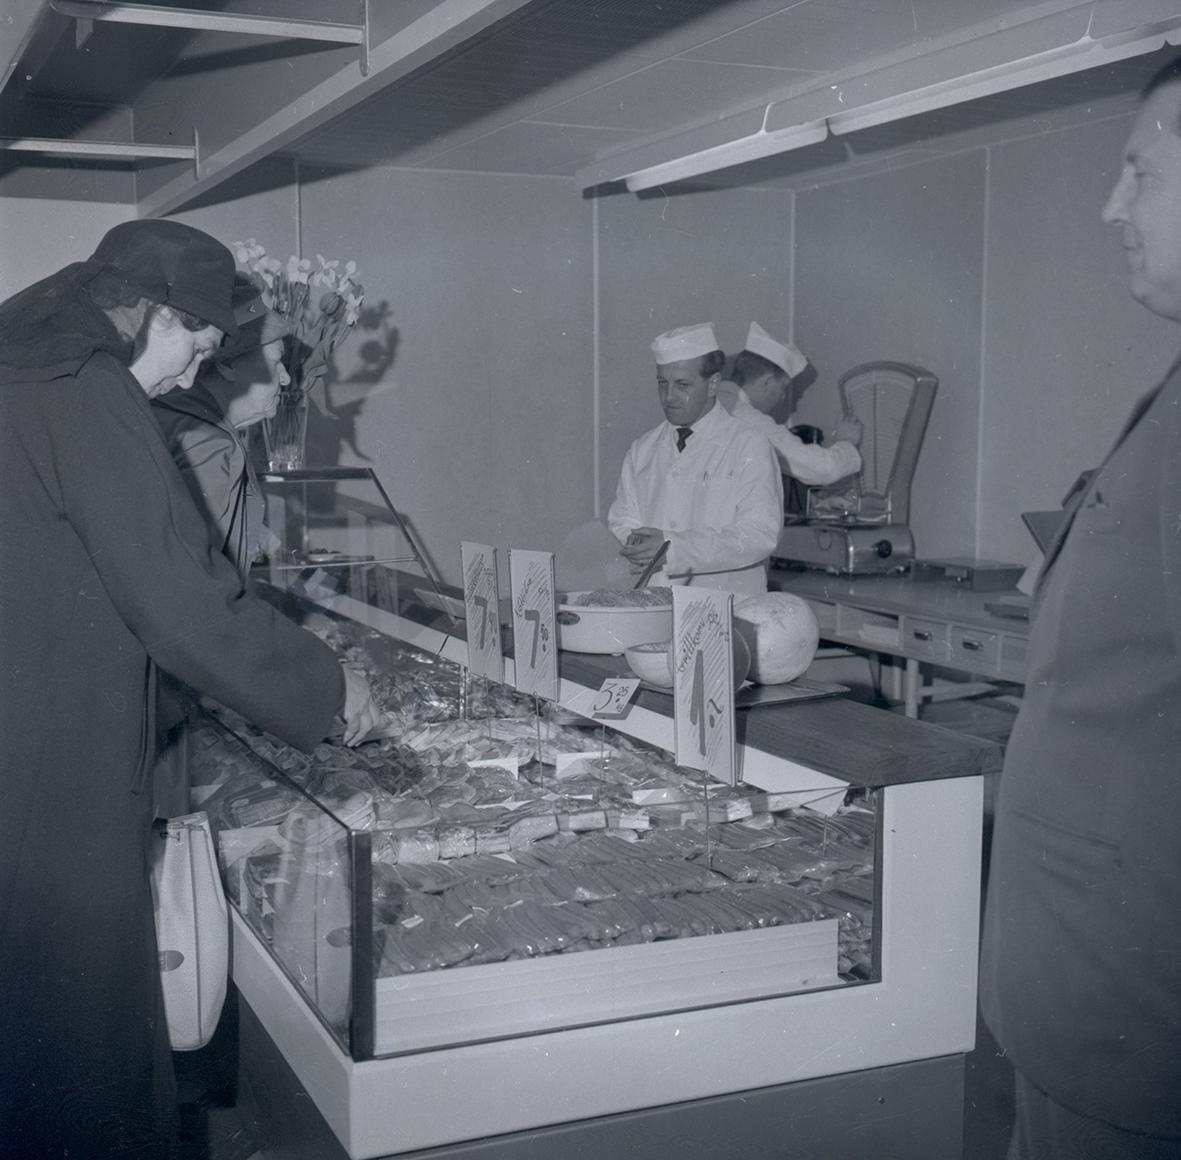 Bild tagen i samband med invigning av Konsum. Kvinnor som handlar kött samt personal i vita båtmössor och vita rockar.